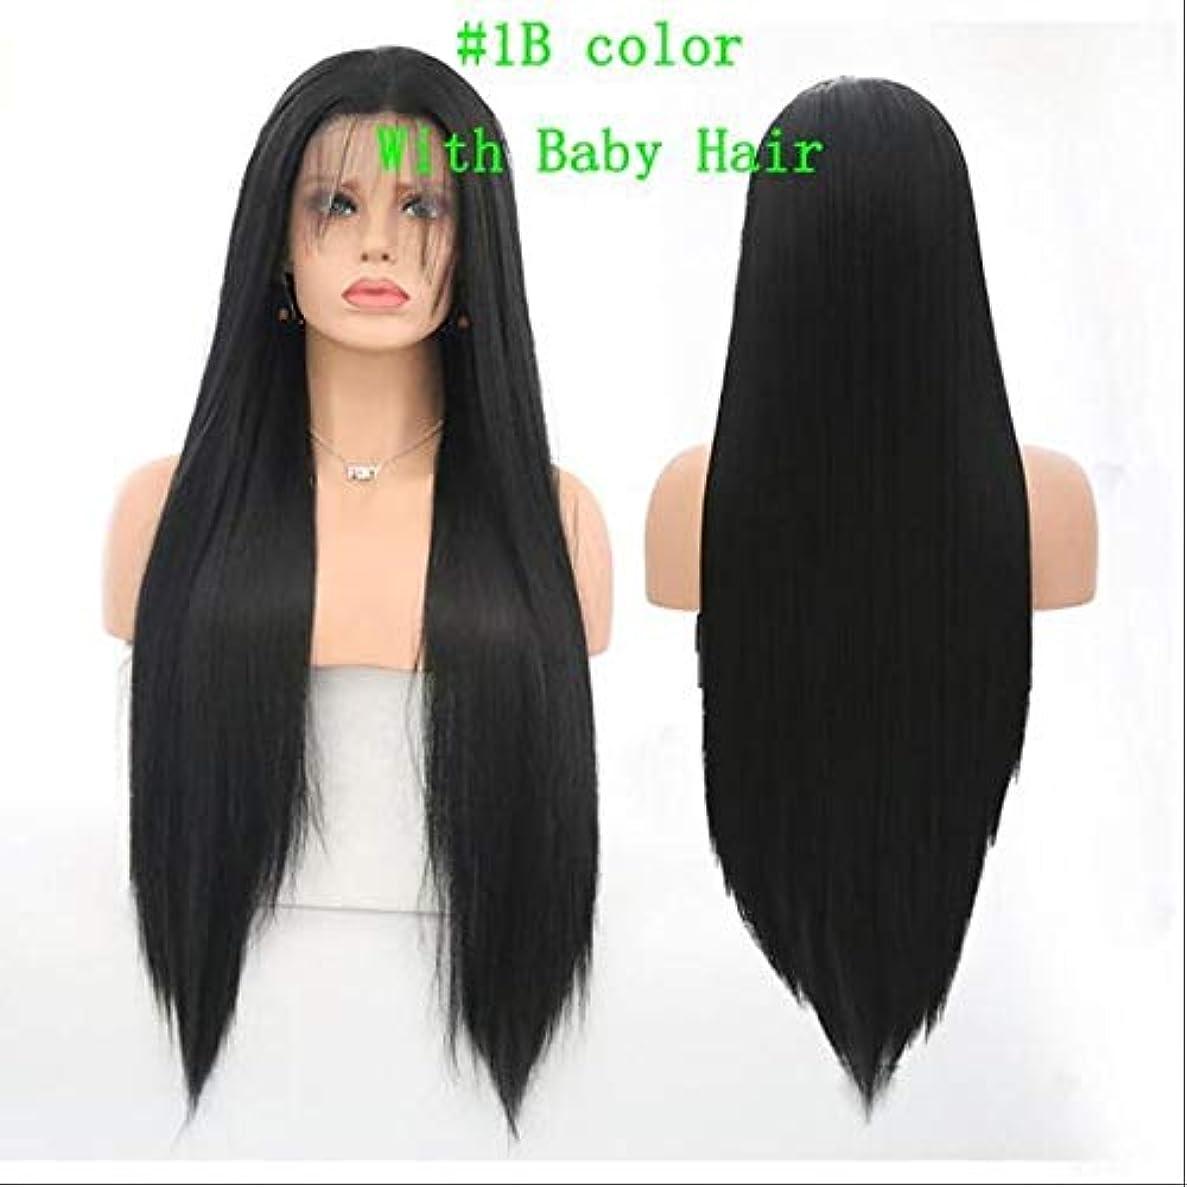 通り豊富可動式BeTTi カリスマ性耐熱毛髪絹のような合成レースフロントかつらセクシーな女性フルかつらナチュラルカラー耐熱安いパーティーのためのかつら日常的なドレス高密度 (Color : 1B with Baby Hair, Stretched...